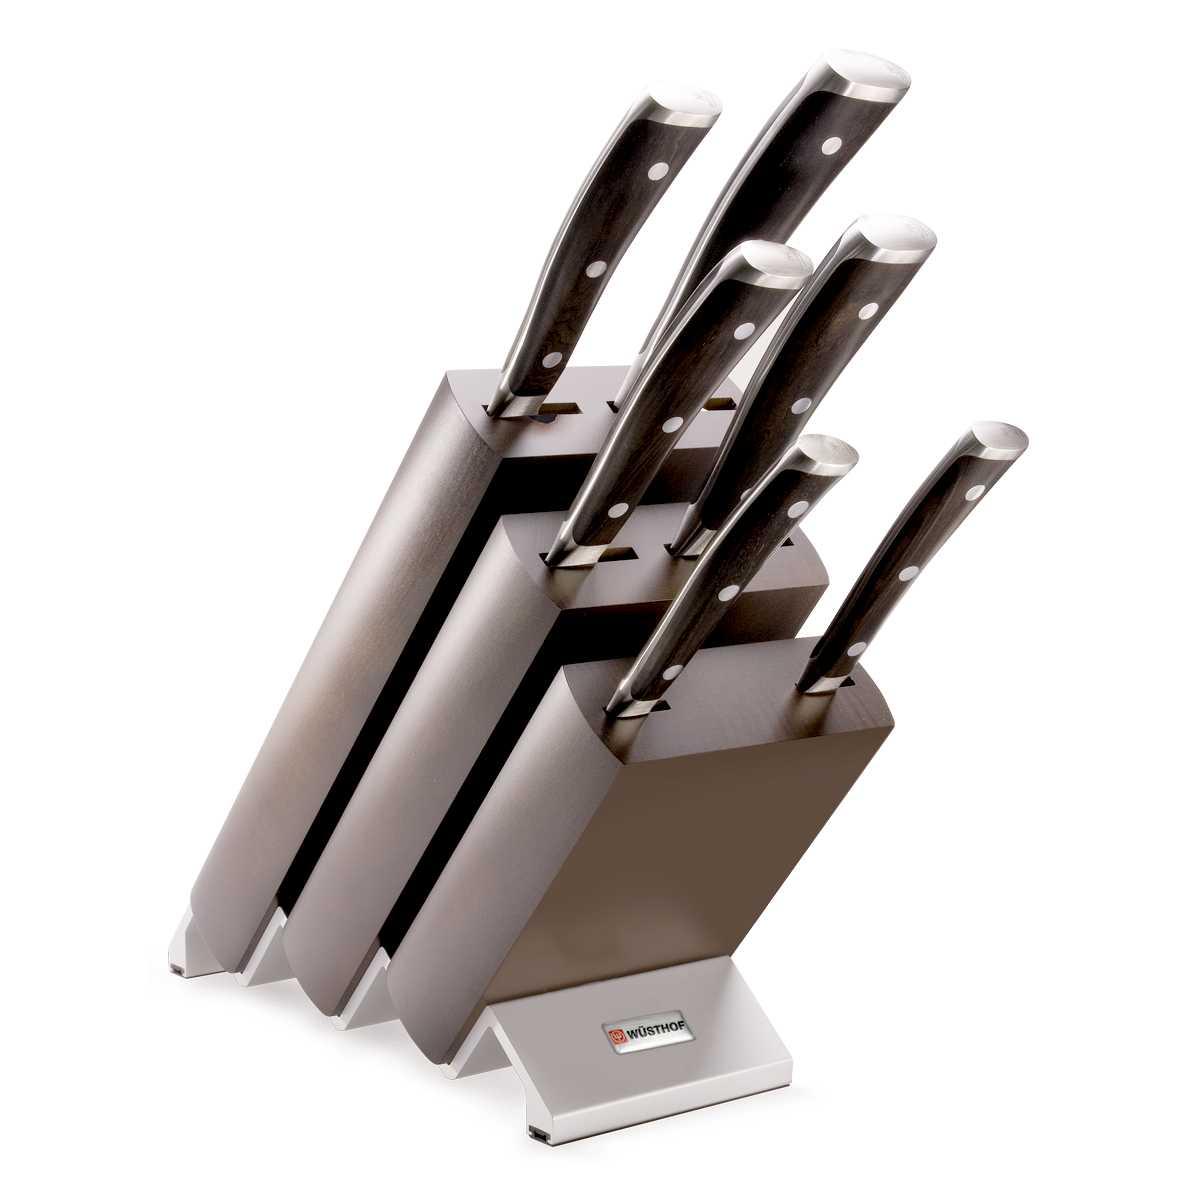 Онлайн каталог PROMENU: Блок с ножами Wuesthof Ikon, коричневый, 7 предметов Wuesthof 9866